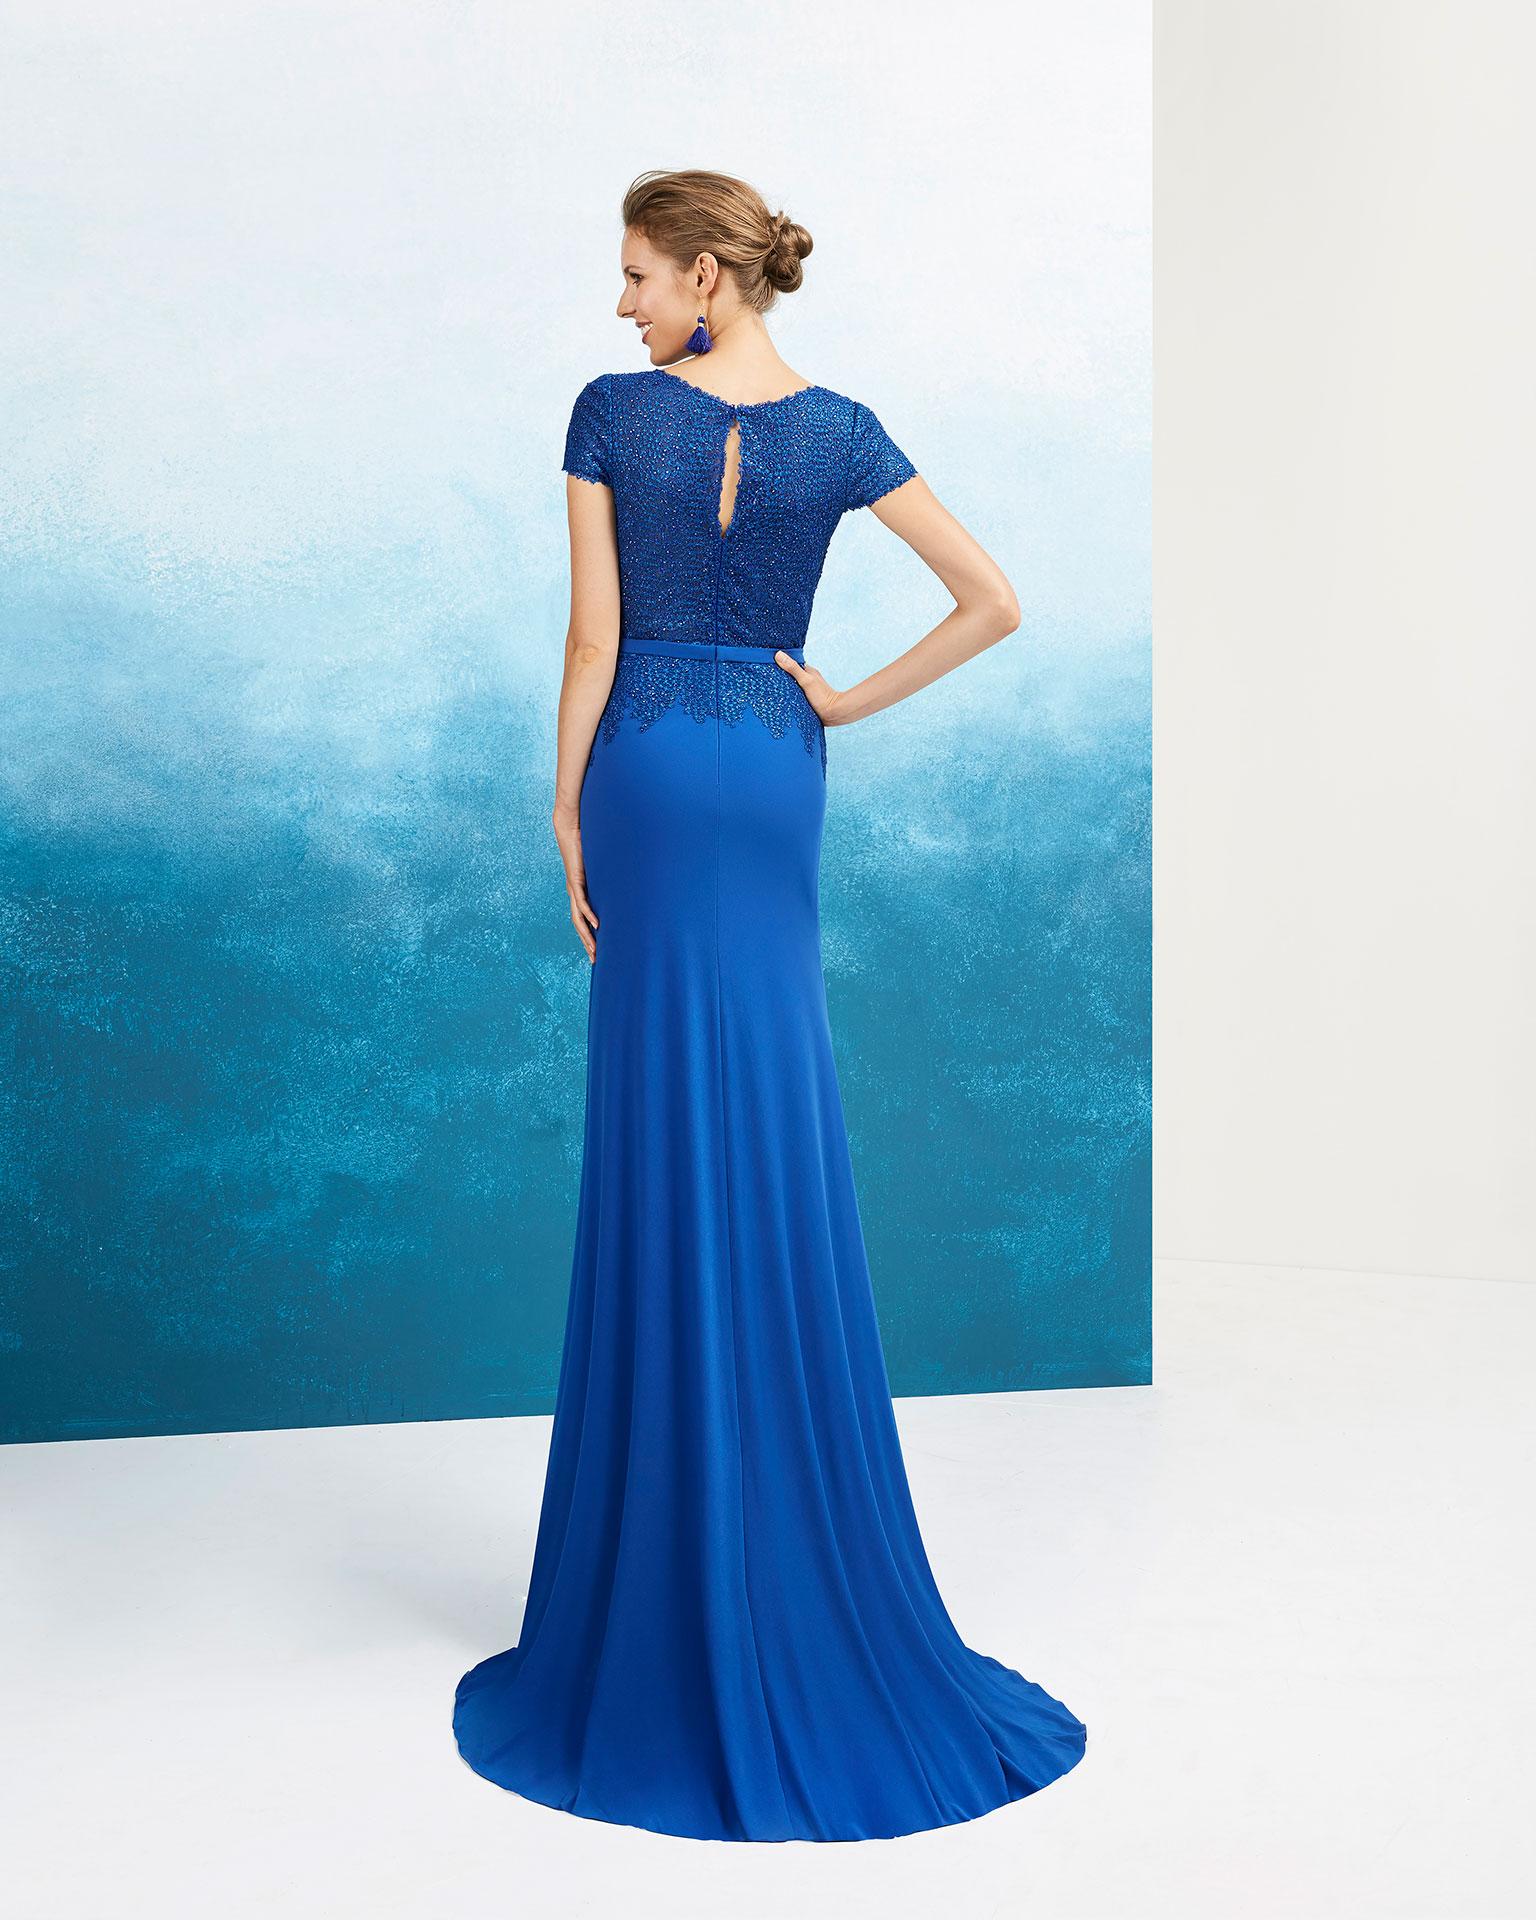 Vestido de festa azul cobalto